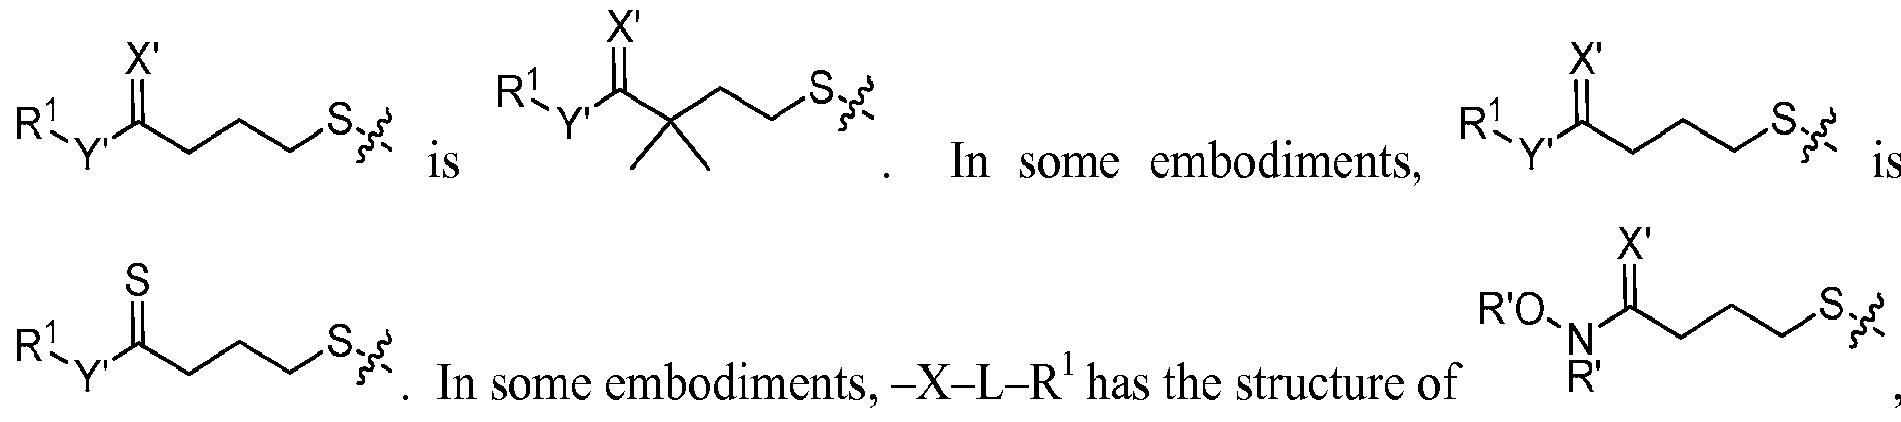 Figure imgf000104_0006